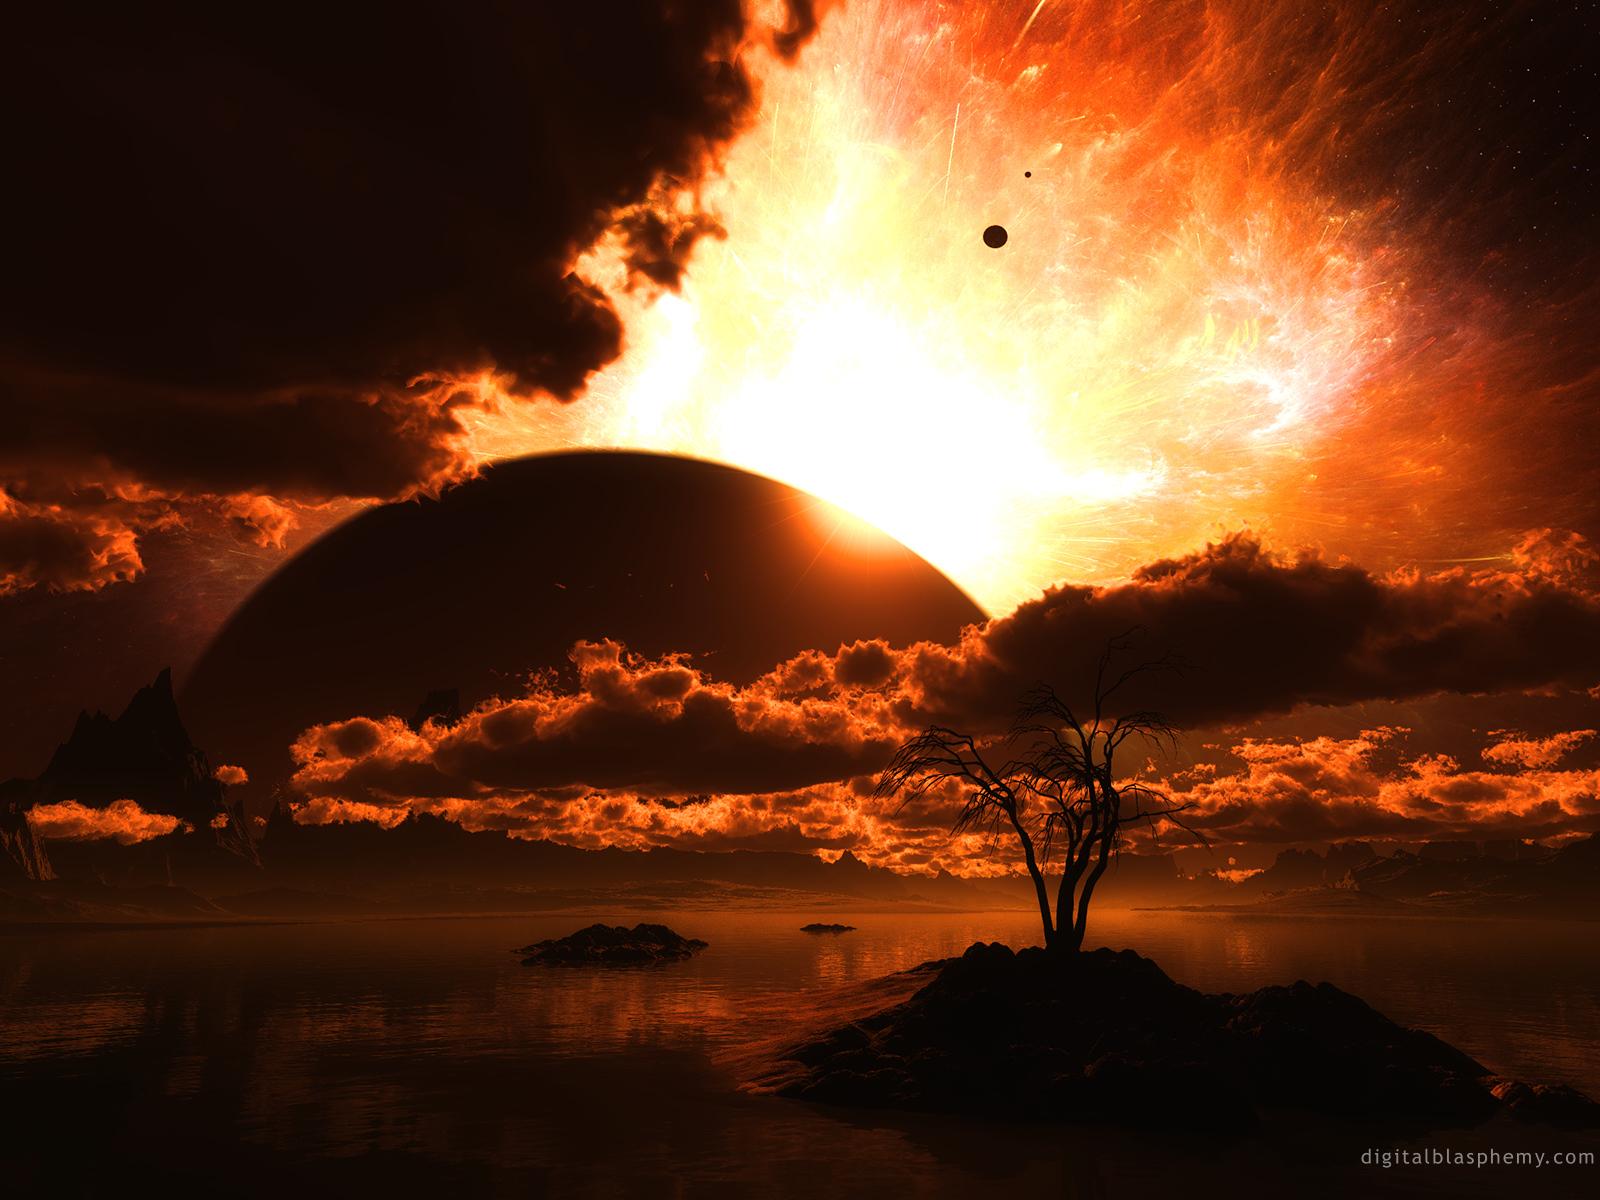 19024 скачать обои Пейзаж, Закат, Планеты, Космос, Облака - заставки и картинки бесплатно